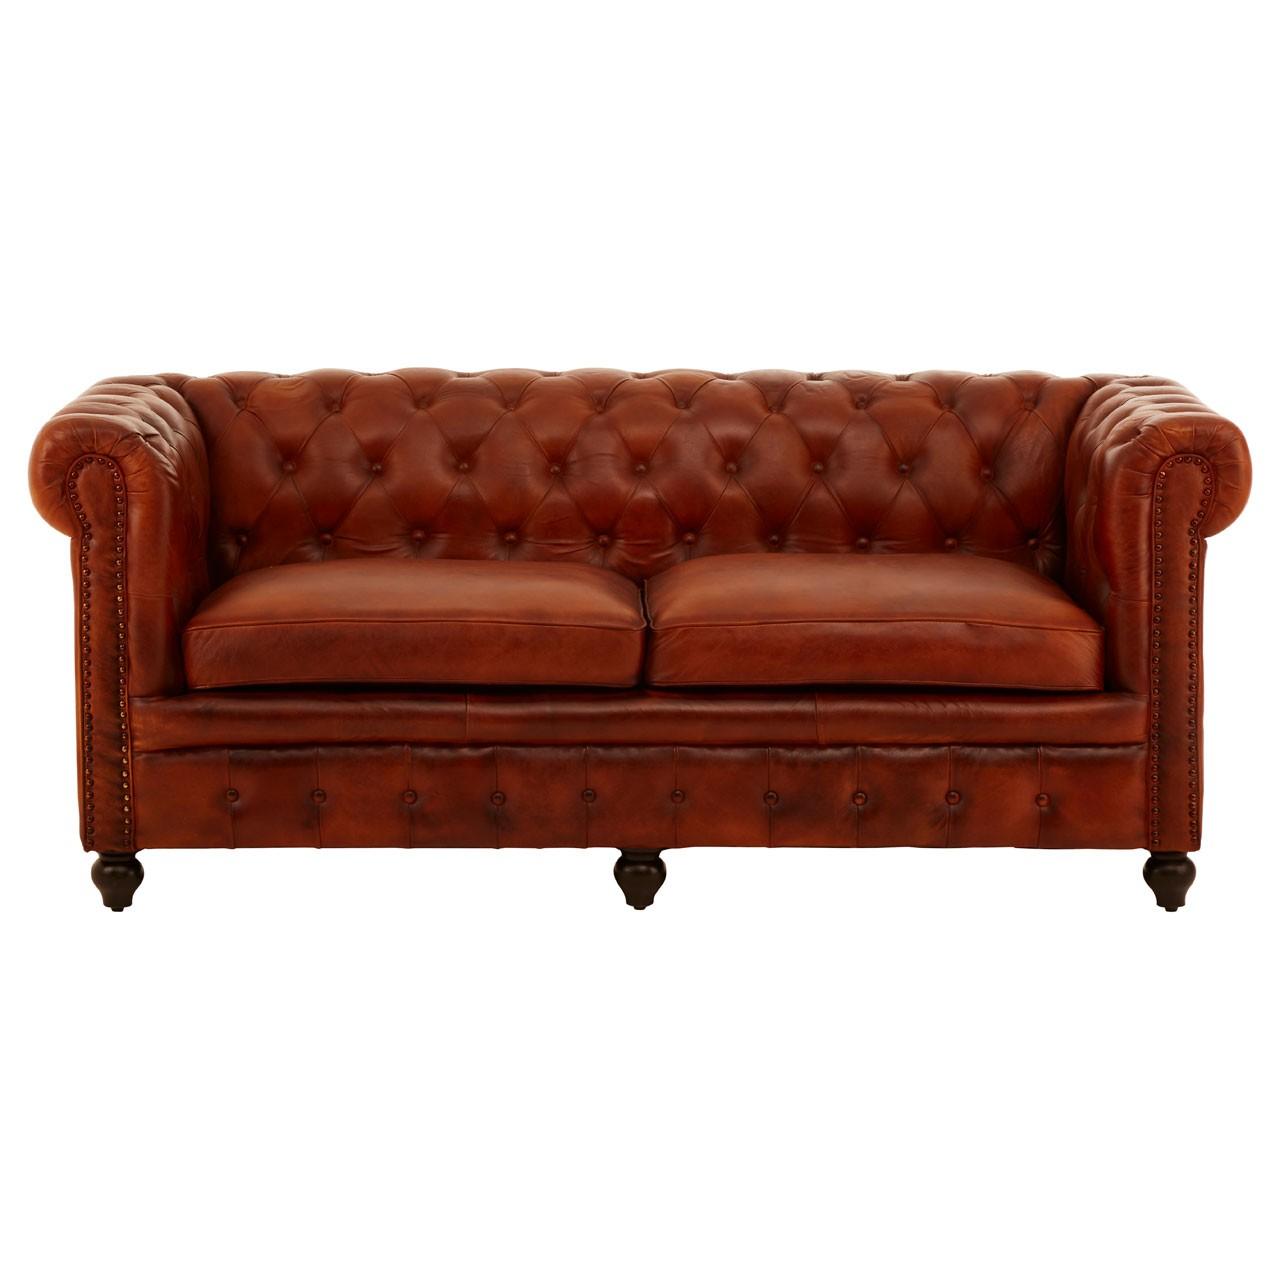 Buffalo 3 Seater Sofa leather Red